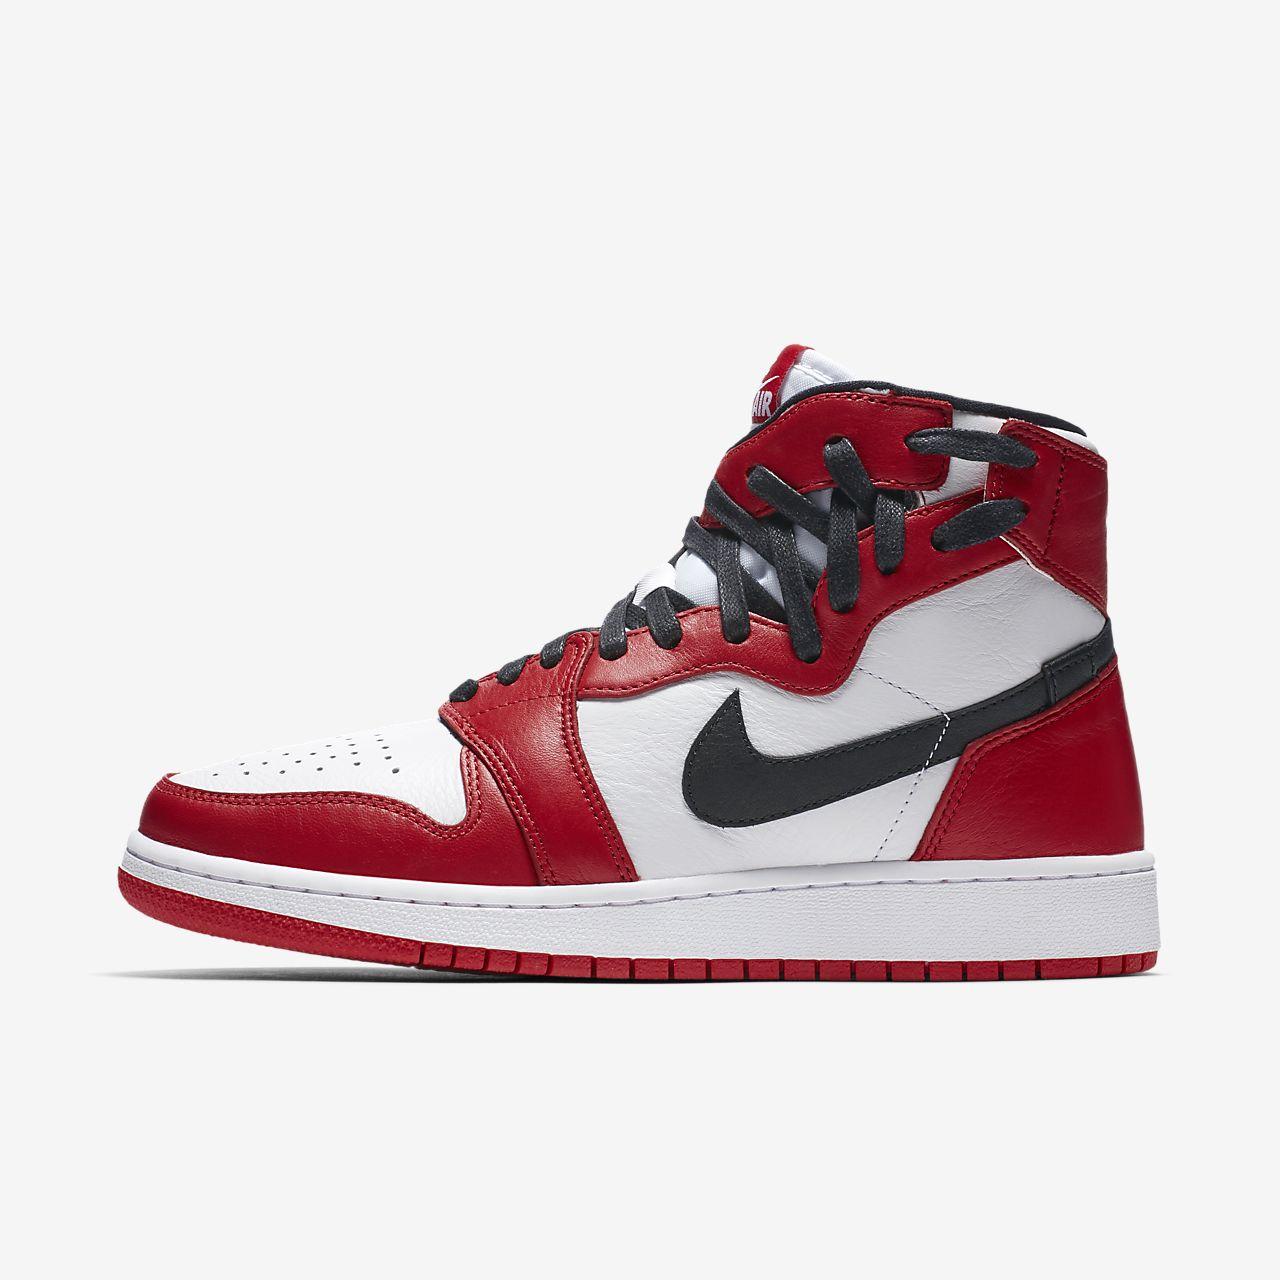 Jordan 1 Rebel XX OG 女鞋